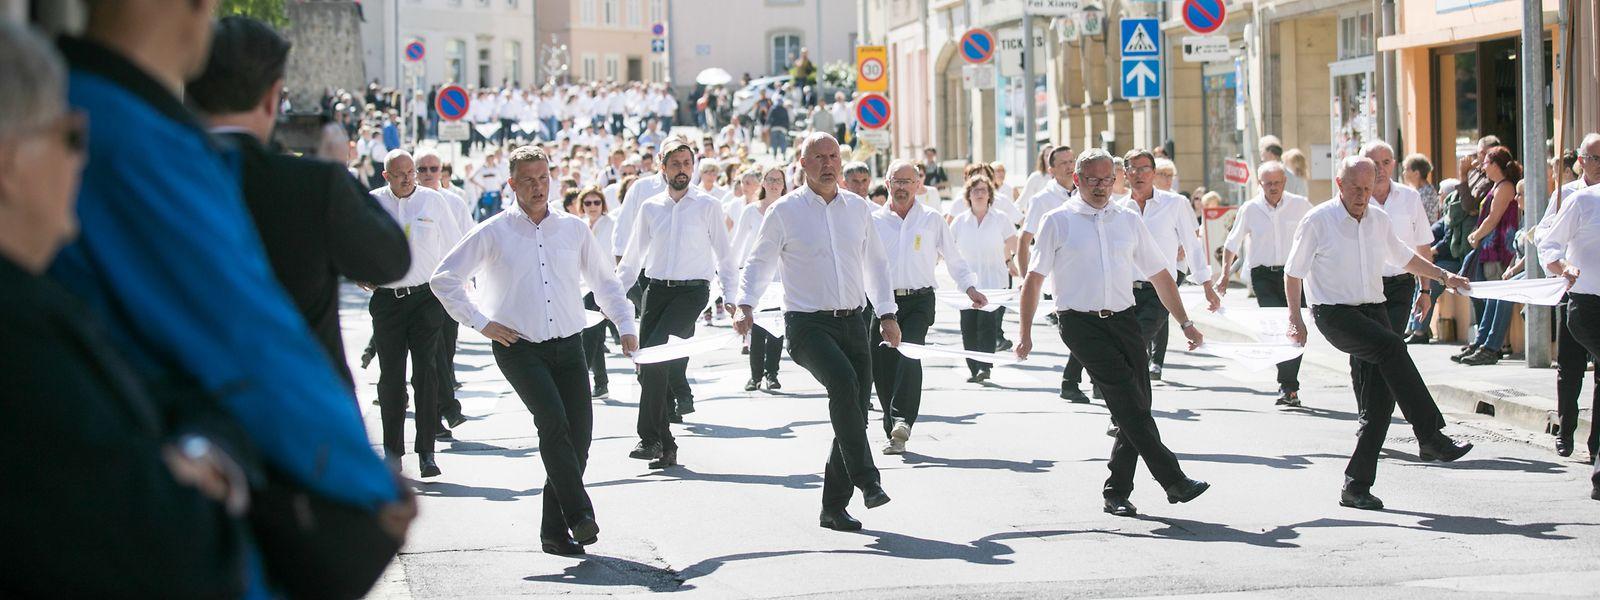 2019 war es noch möglich, in diesem Jahr muss das traditionelle Springen in Echternach ausfallen. Veranstalter und Gläubige freuen sich jetzt auf 2021.